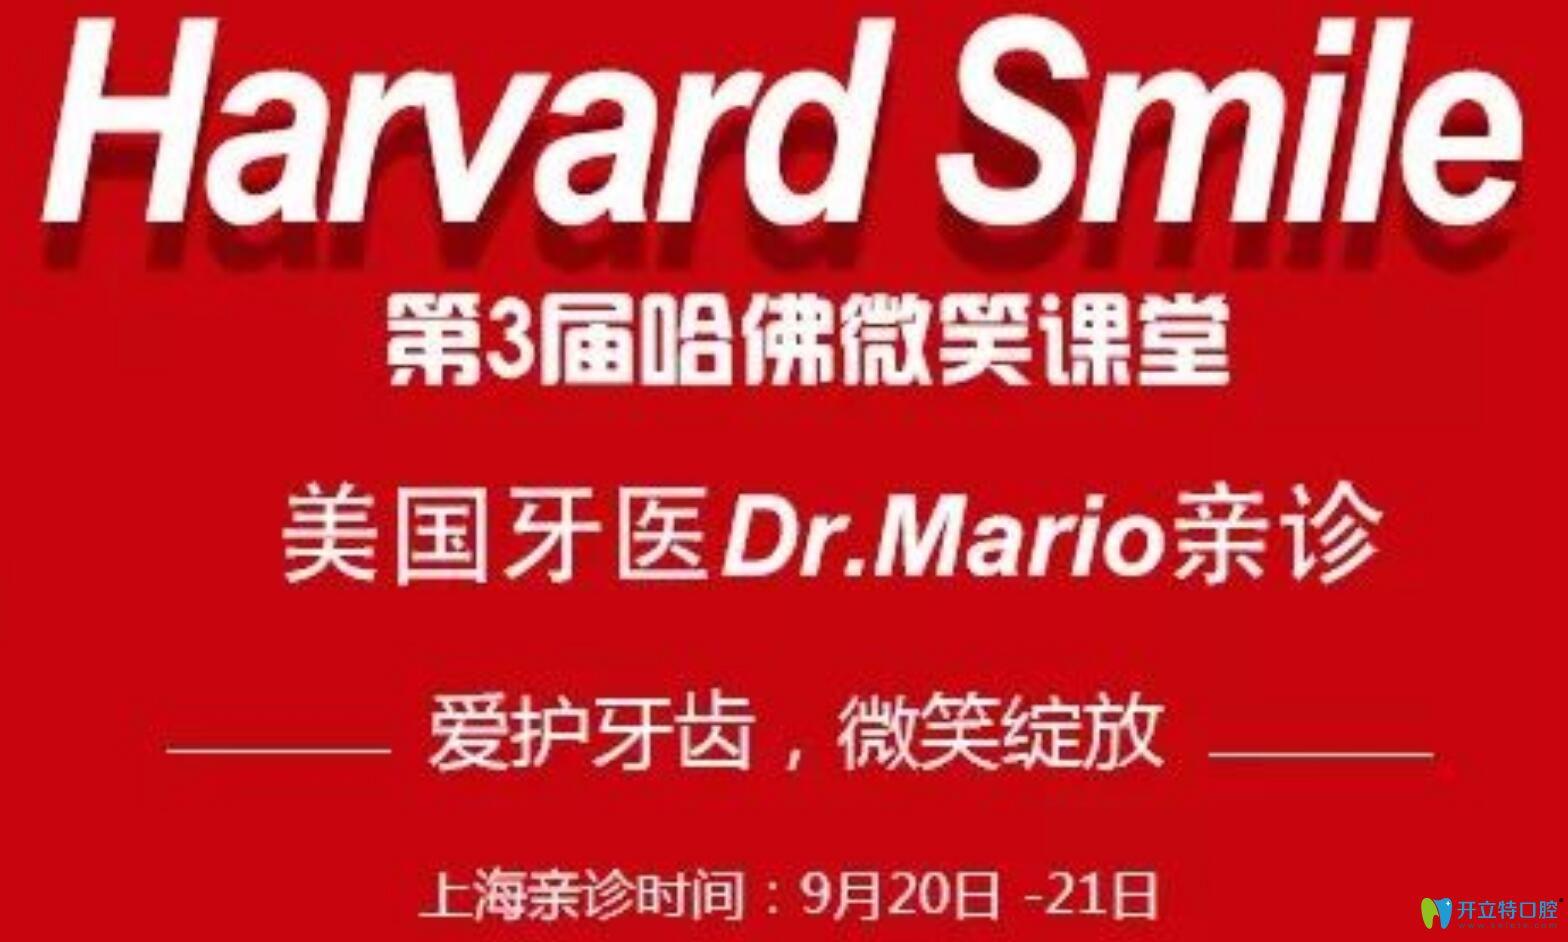 9.21哈佛正畸双博士戴意华在上海亿大亲诊,送牙齿矫正3D口扫